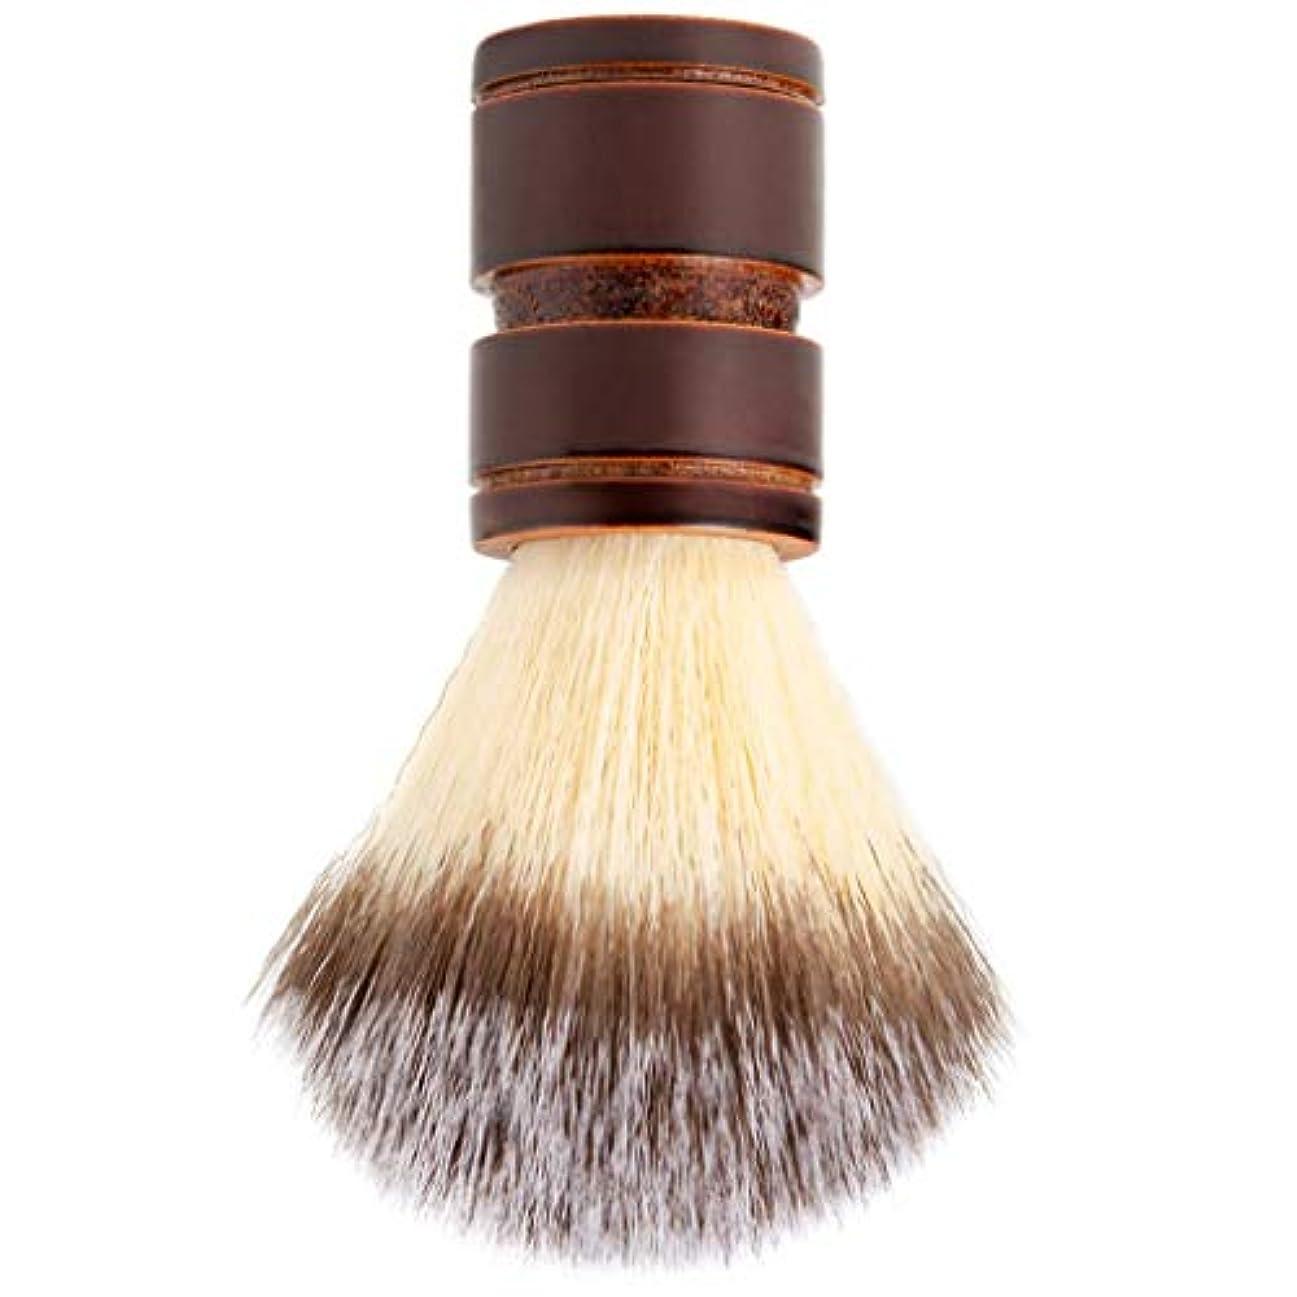 プロテスタント海洋のアマゾンジャングルchiwanji メンズ シェービング ブラシ ひげブラシ メンズ ひげ剃り 快適な 柔らかい